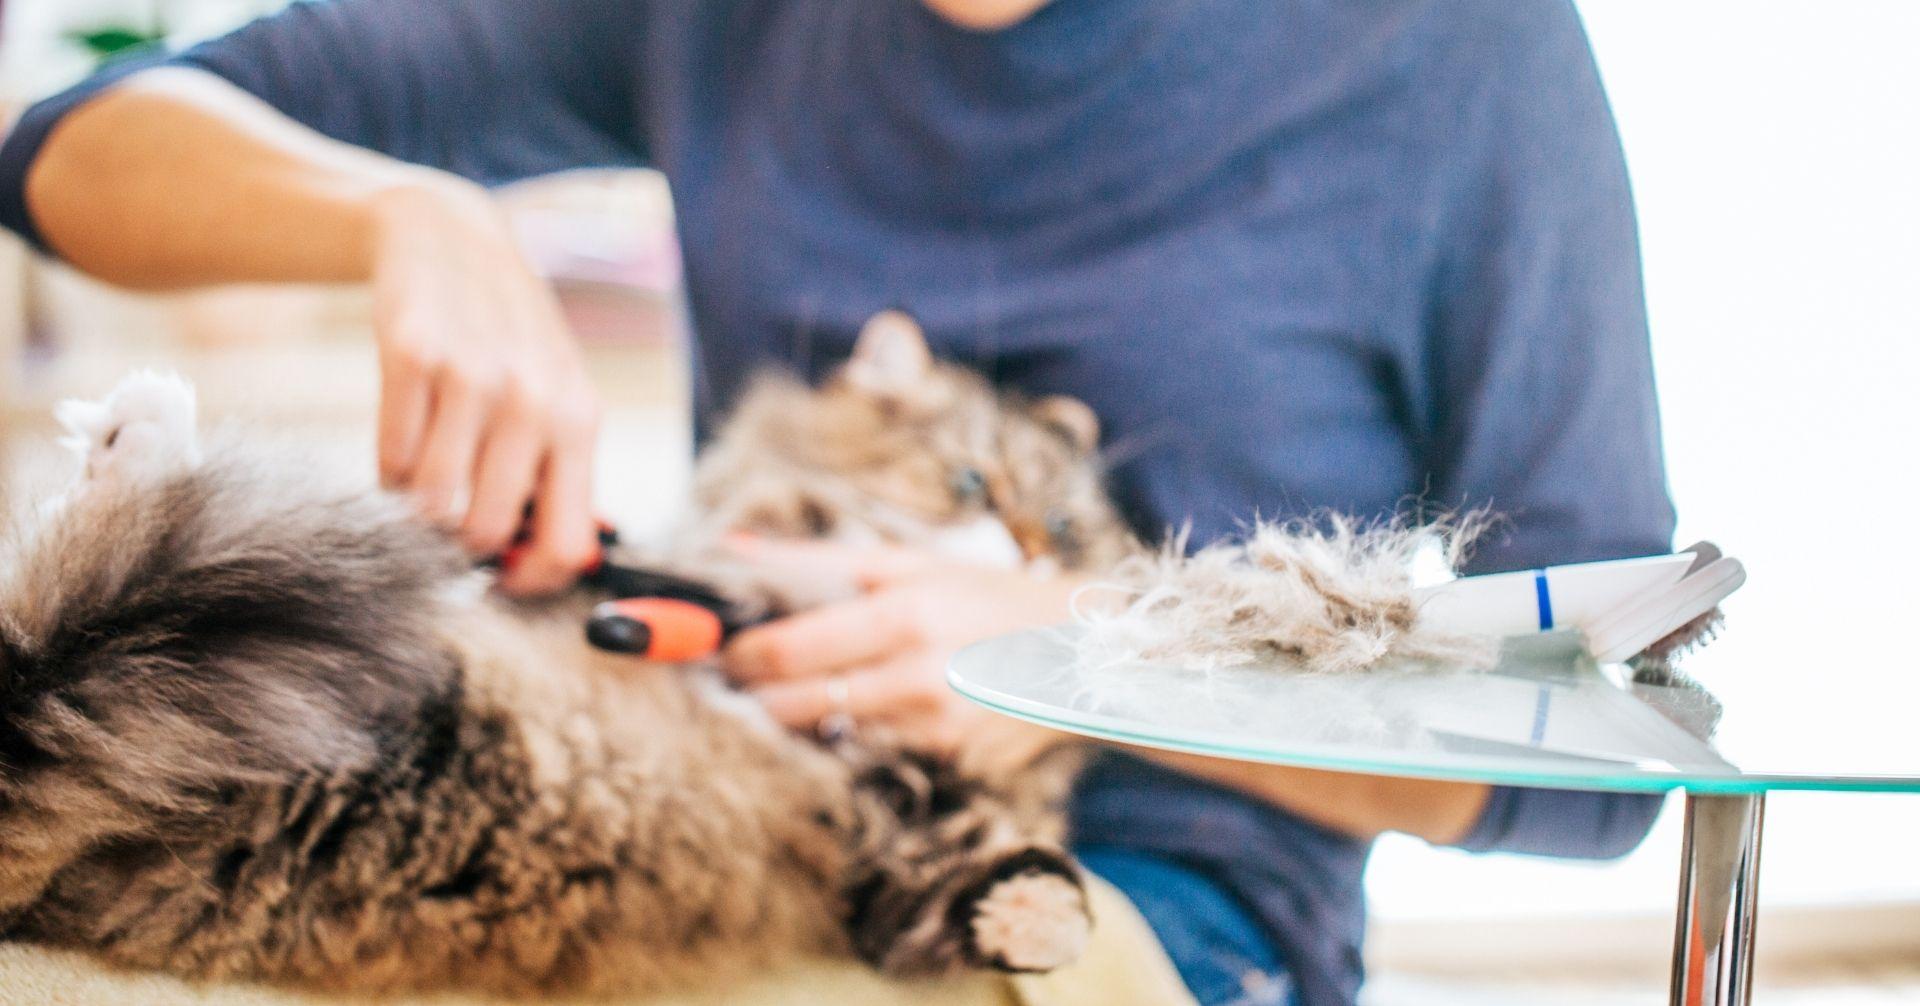 【猫の豆知識】季節による毛の生え替わり